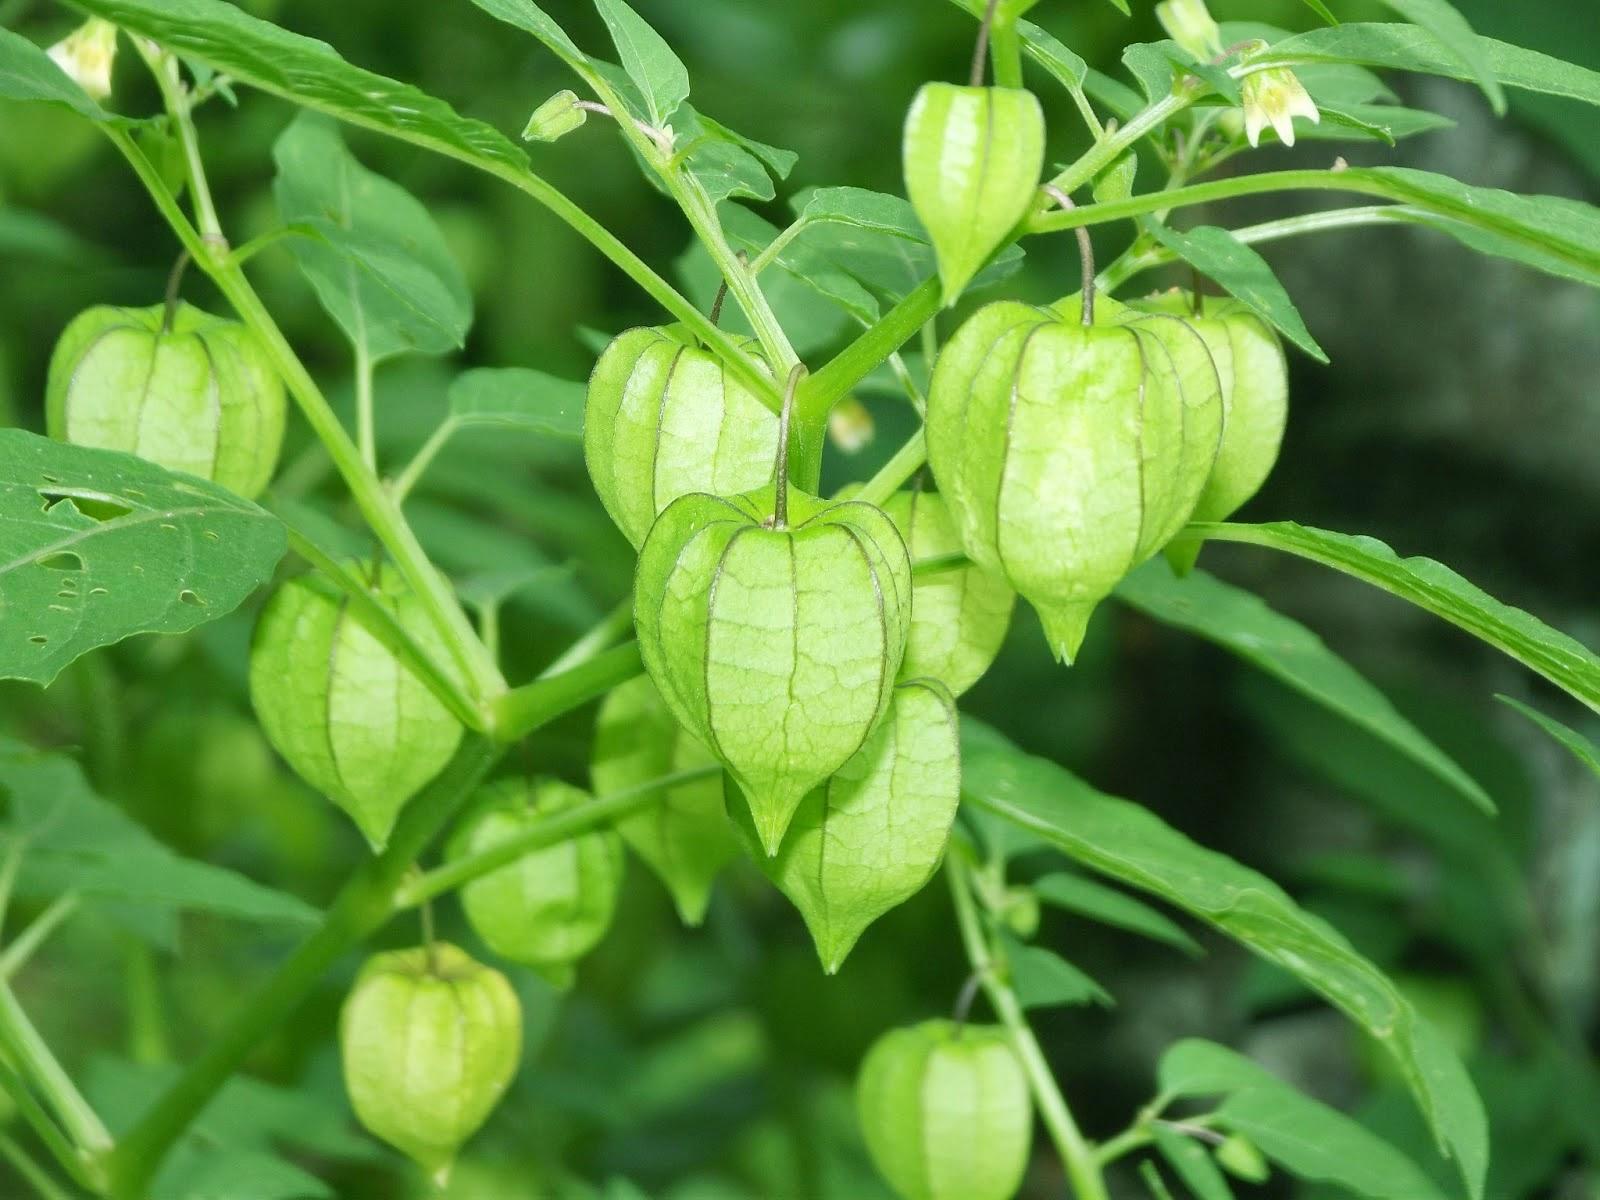 Manfaat tanaman ciplukan untuk pengobatan herbal